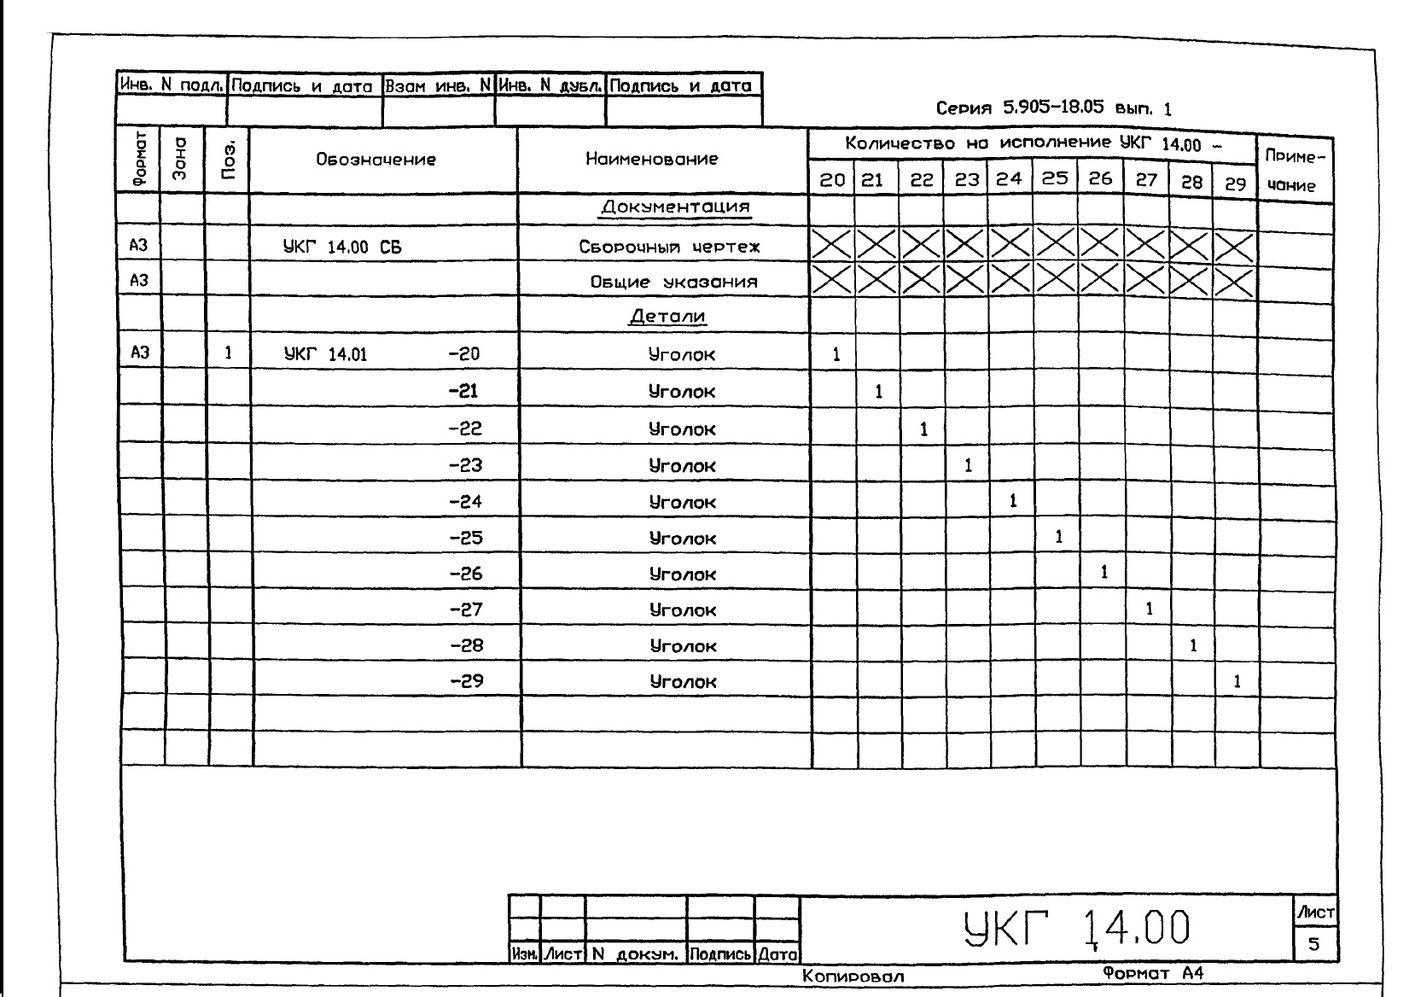 Крепление 2х (двух) вспомогательных газопроводов к основному УКГ 14.00 СБ серия 5.905-18.05 выпуск 1 стр.8